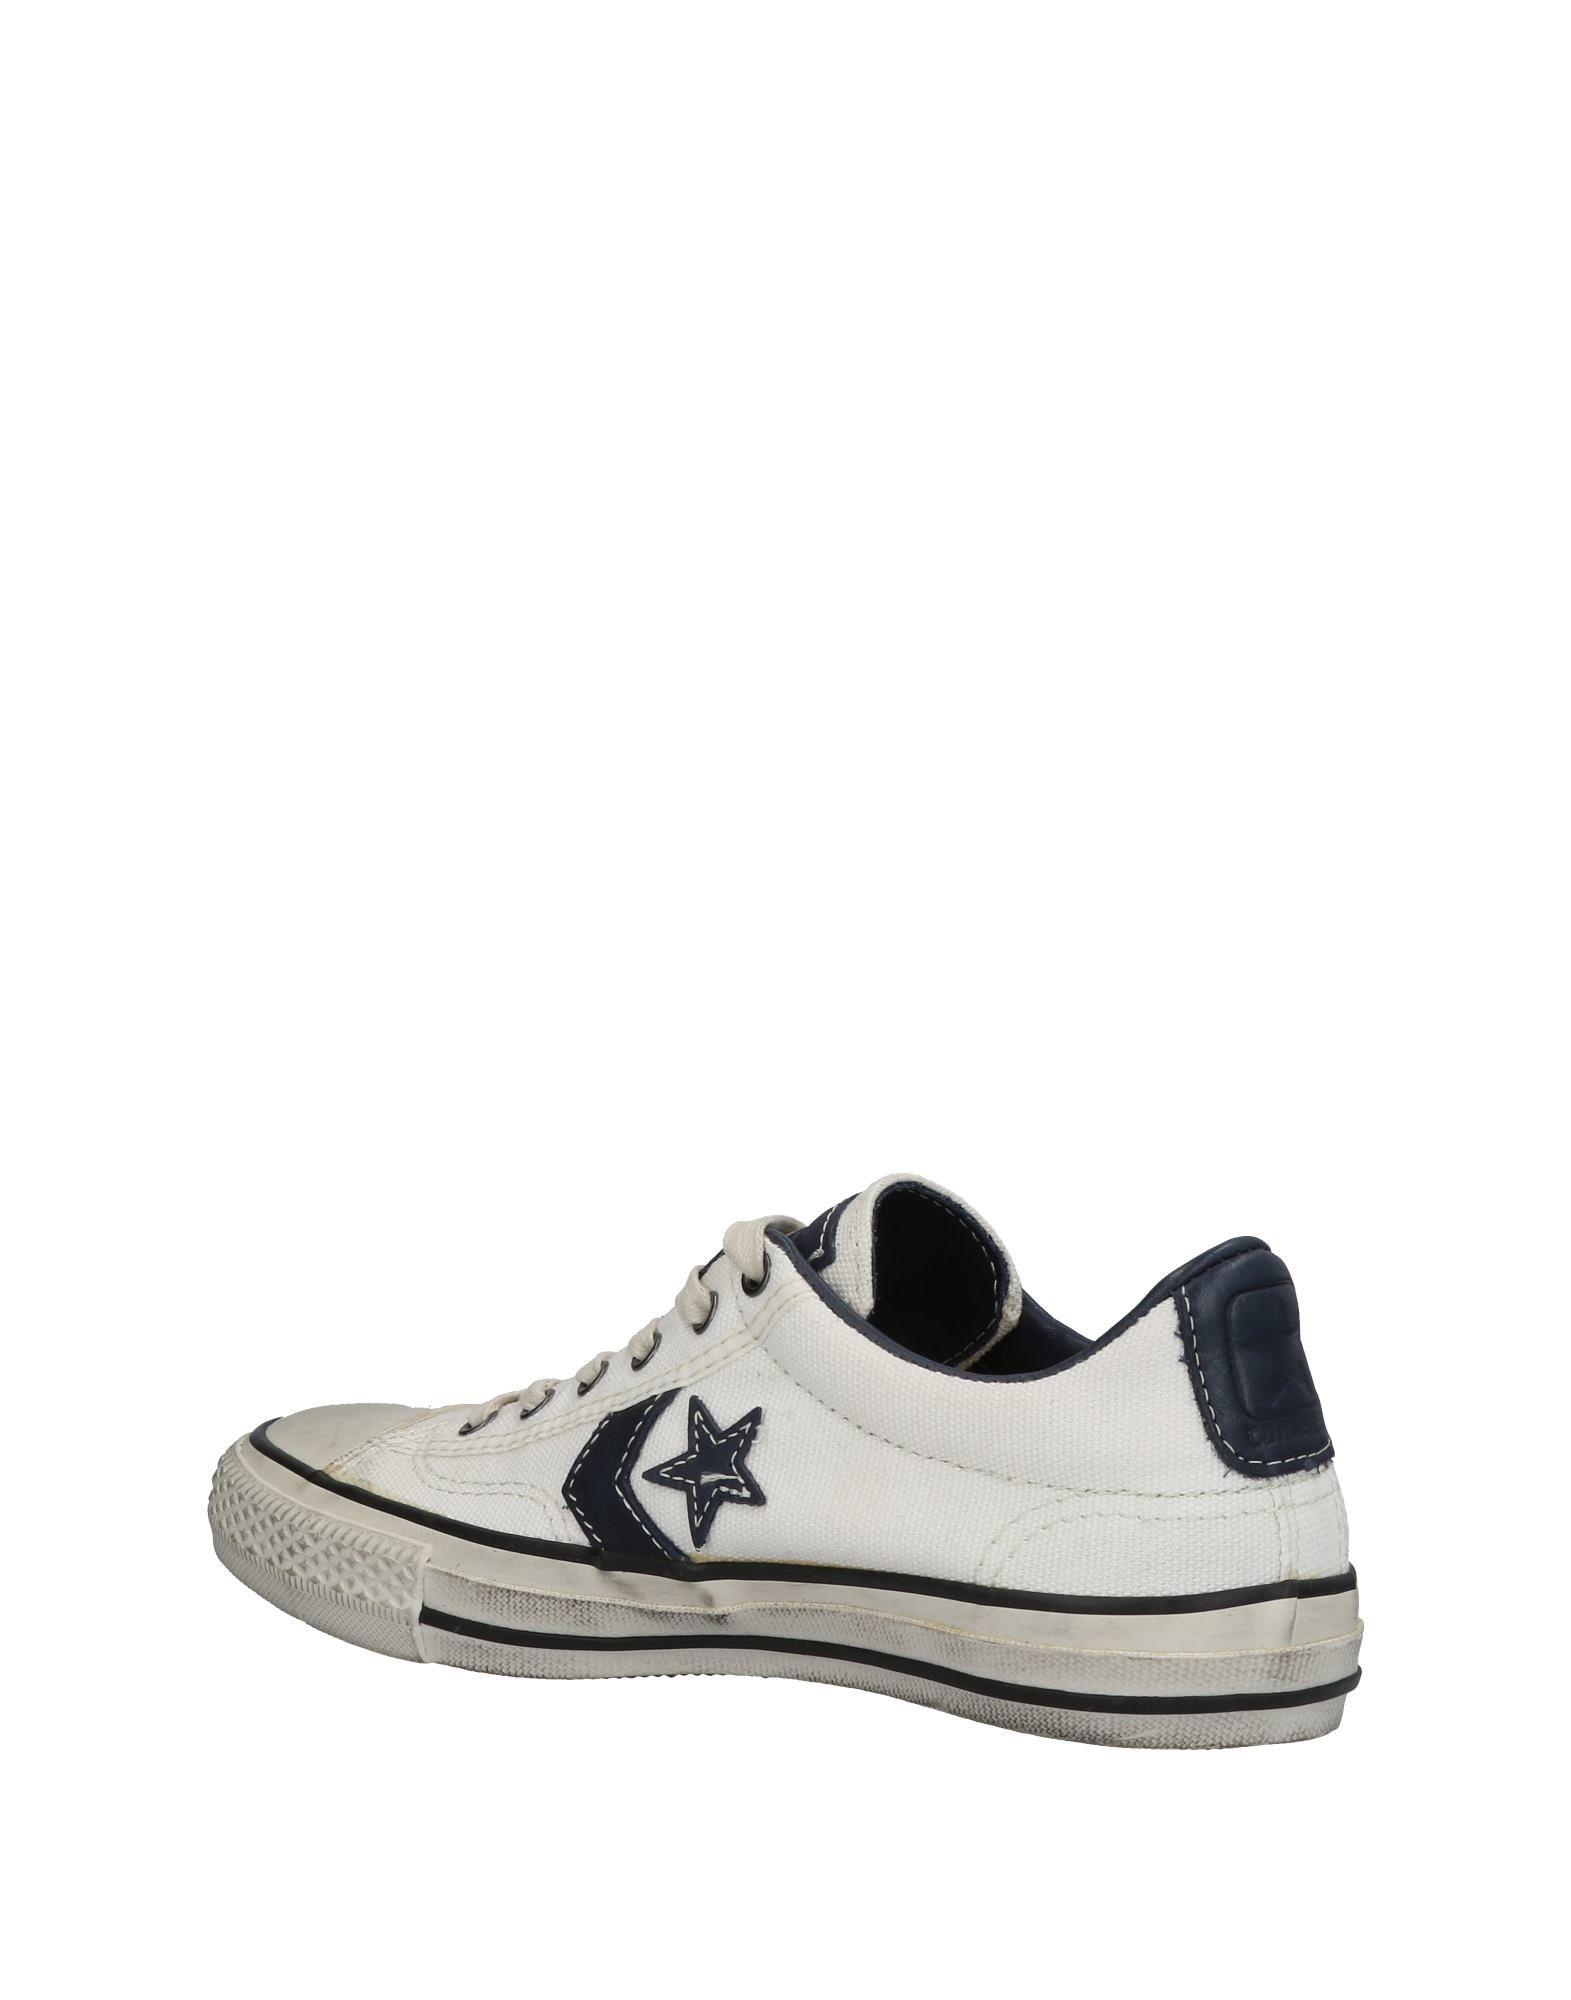 Sneakers Converse John Varvatos Femme - Sneakers Converse John Varvatos sur